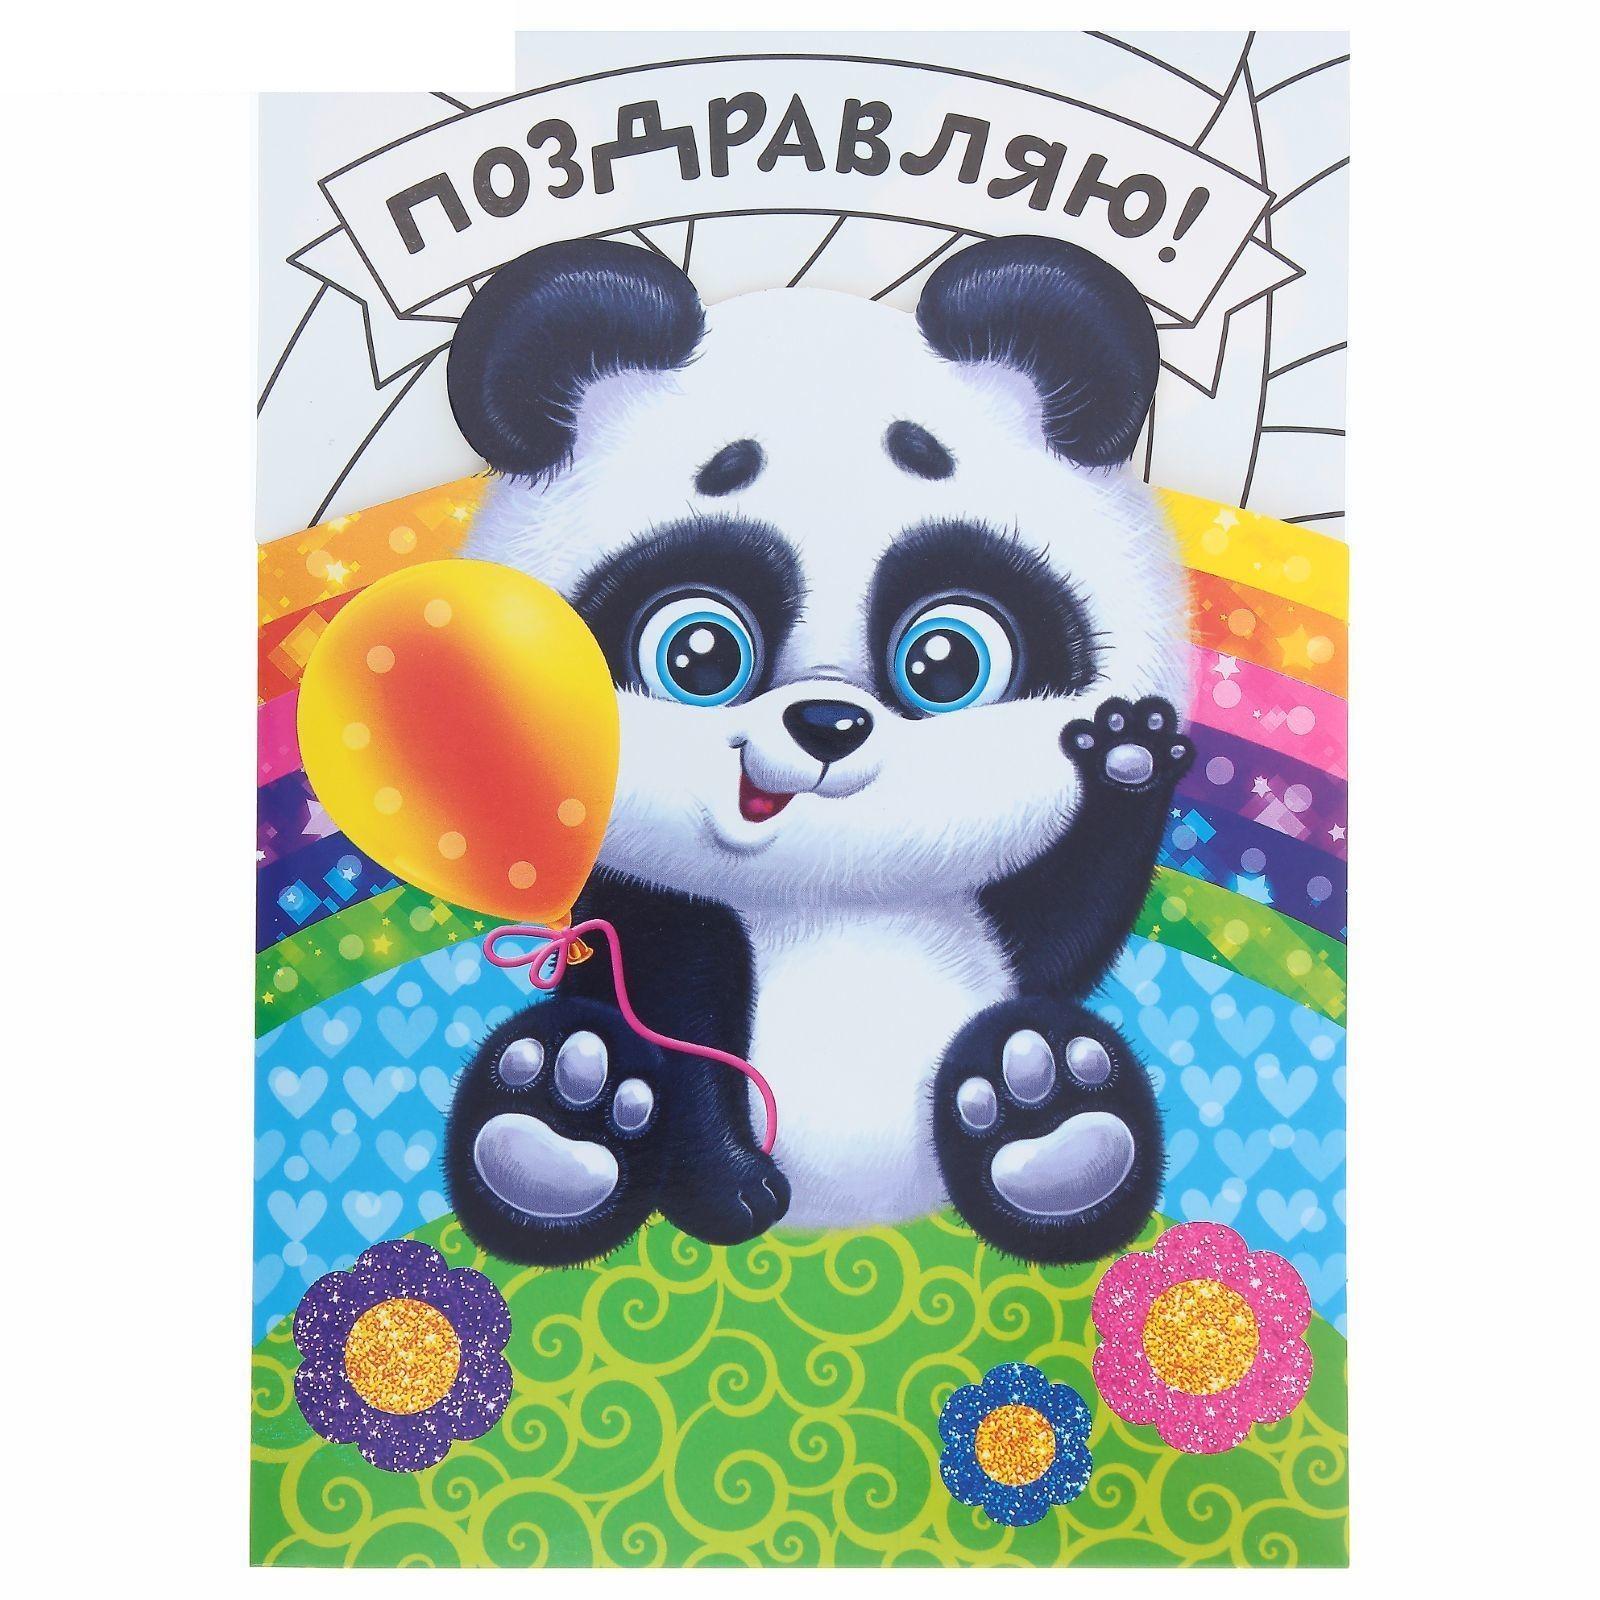 Поздравительные открытки панда, картинки именем сережа